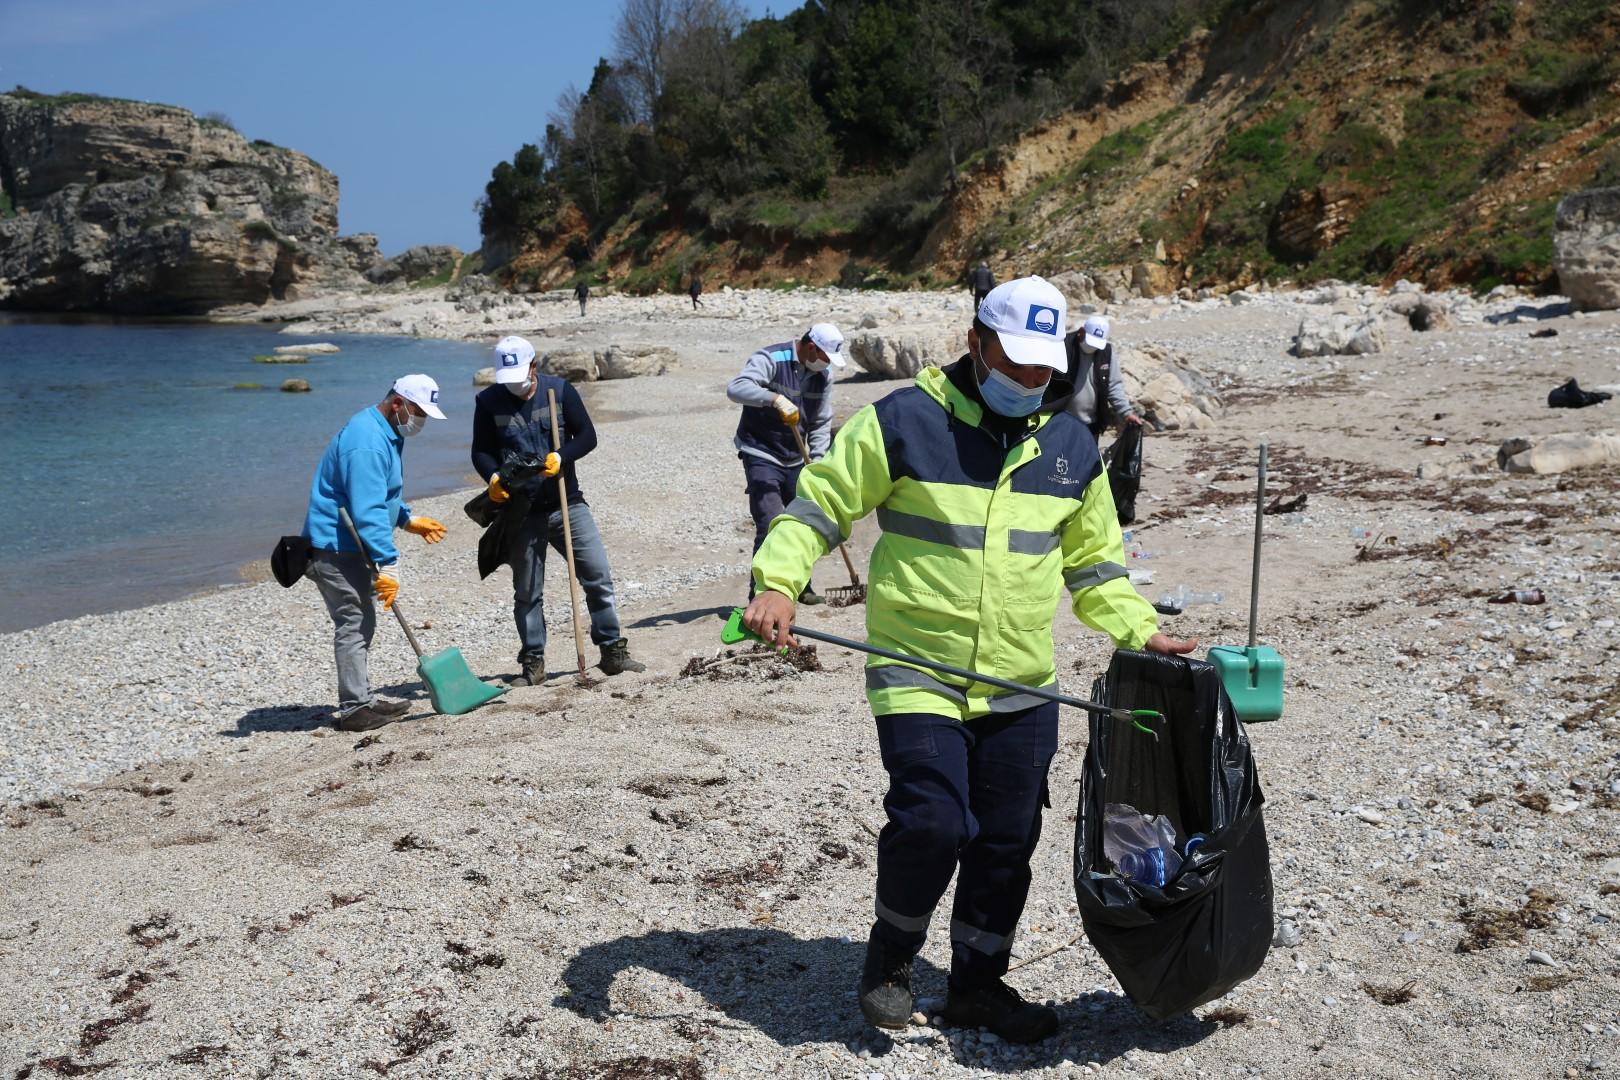 Plajcılar kirletti, onlar temizledi!